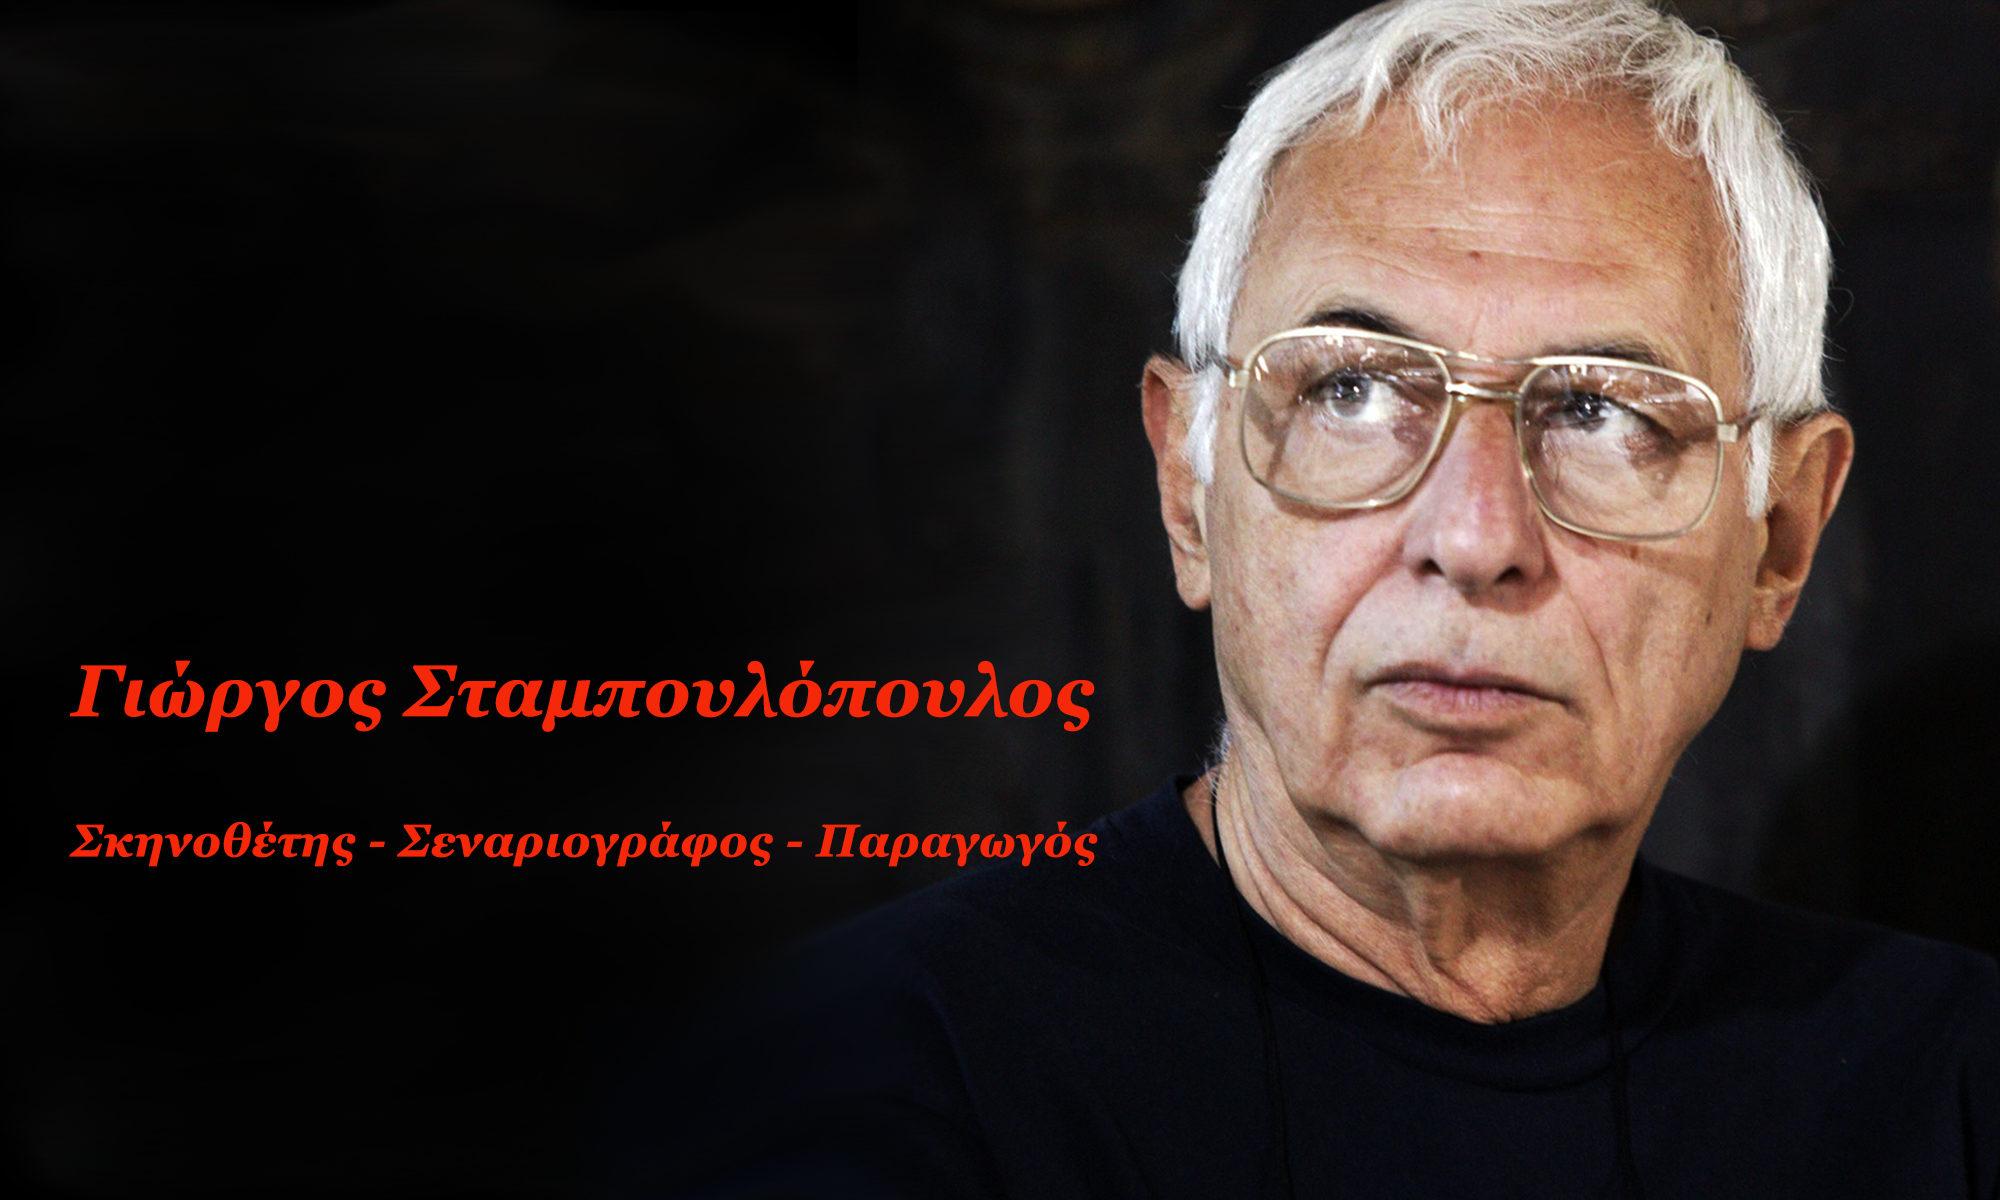 Γιώργος Σταμπουλόπουλος